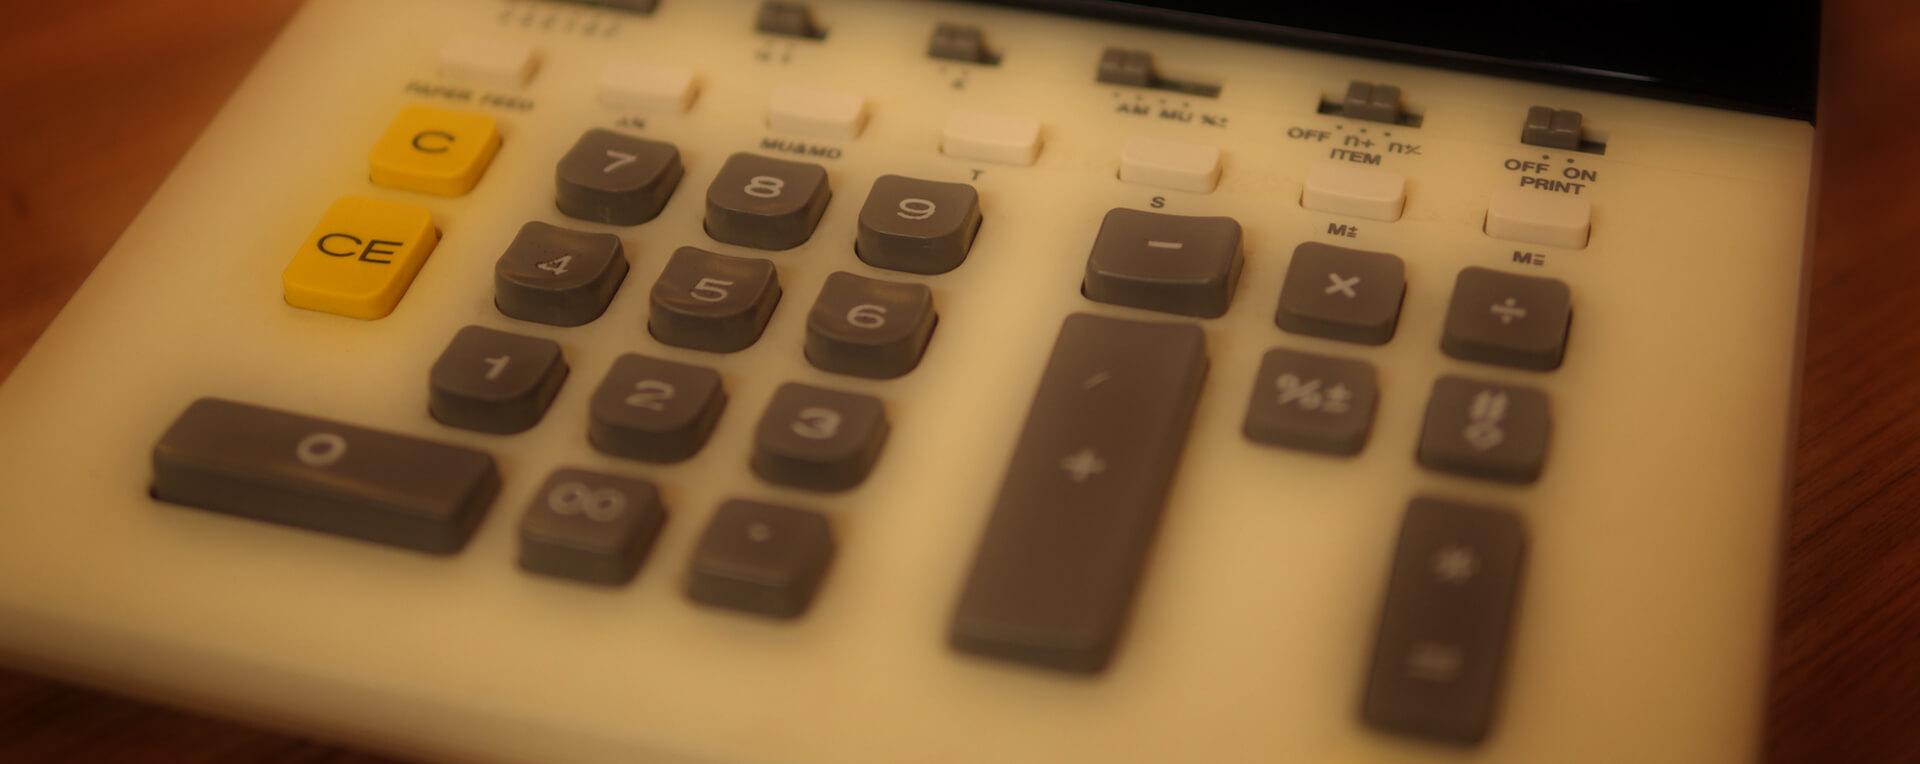 CBBS_rekenmachine_onscherp